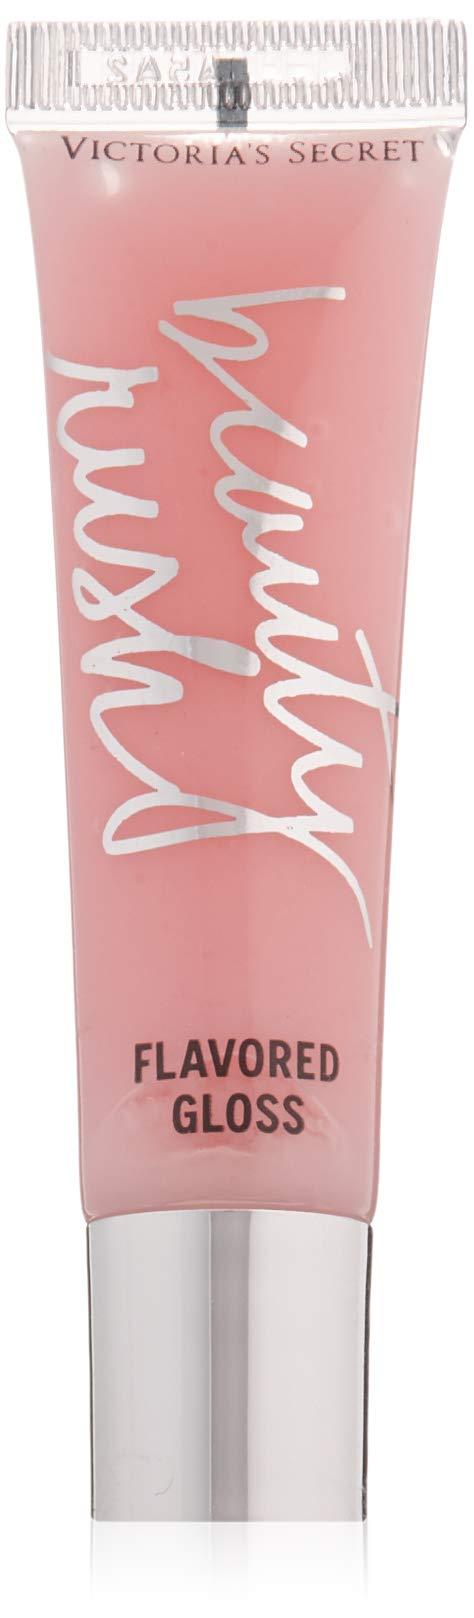 Victoria's Secret Beauty Rush Shiny Kiss Lip Gloss Candy, Baby